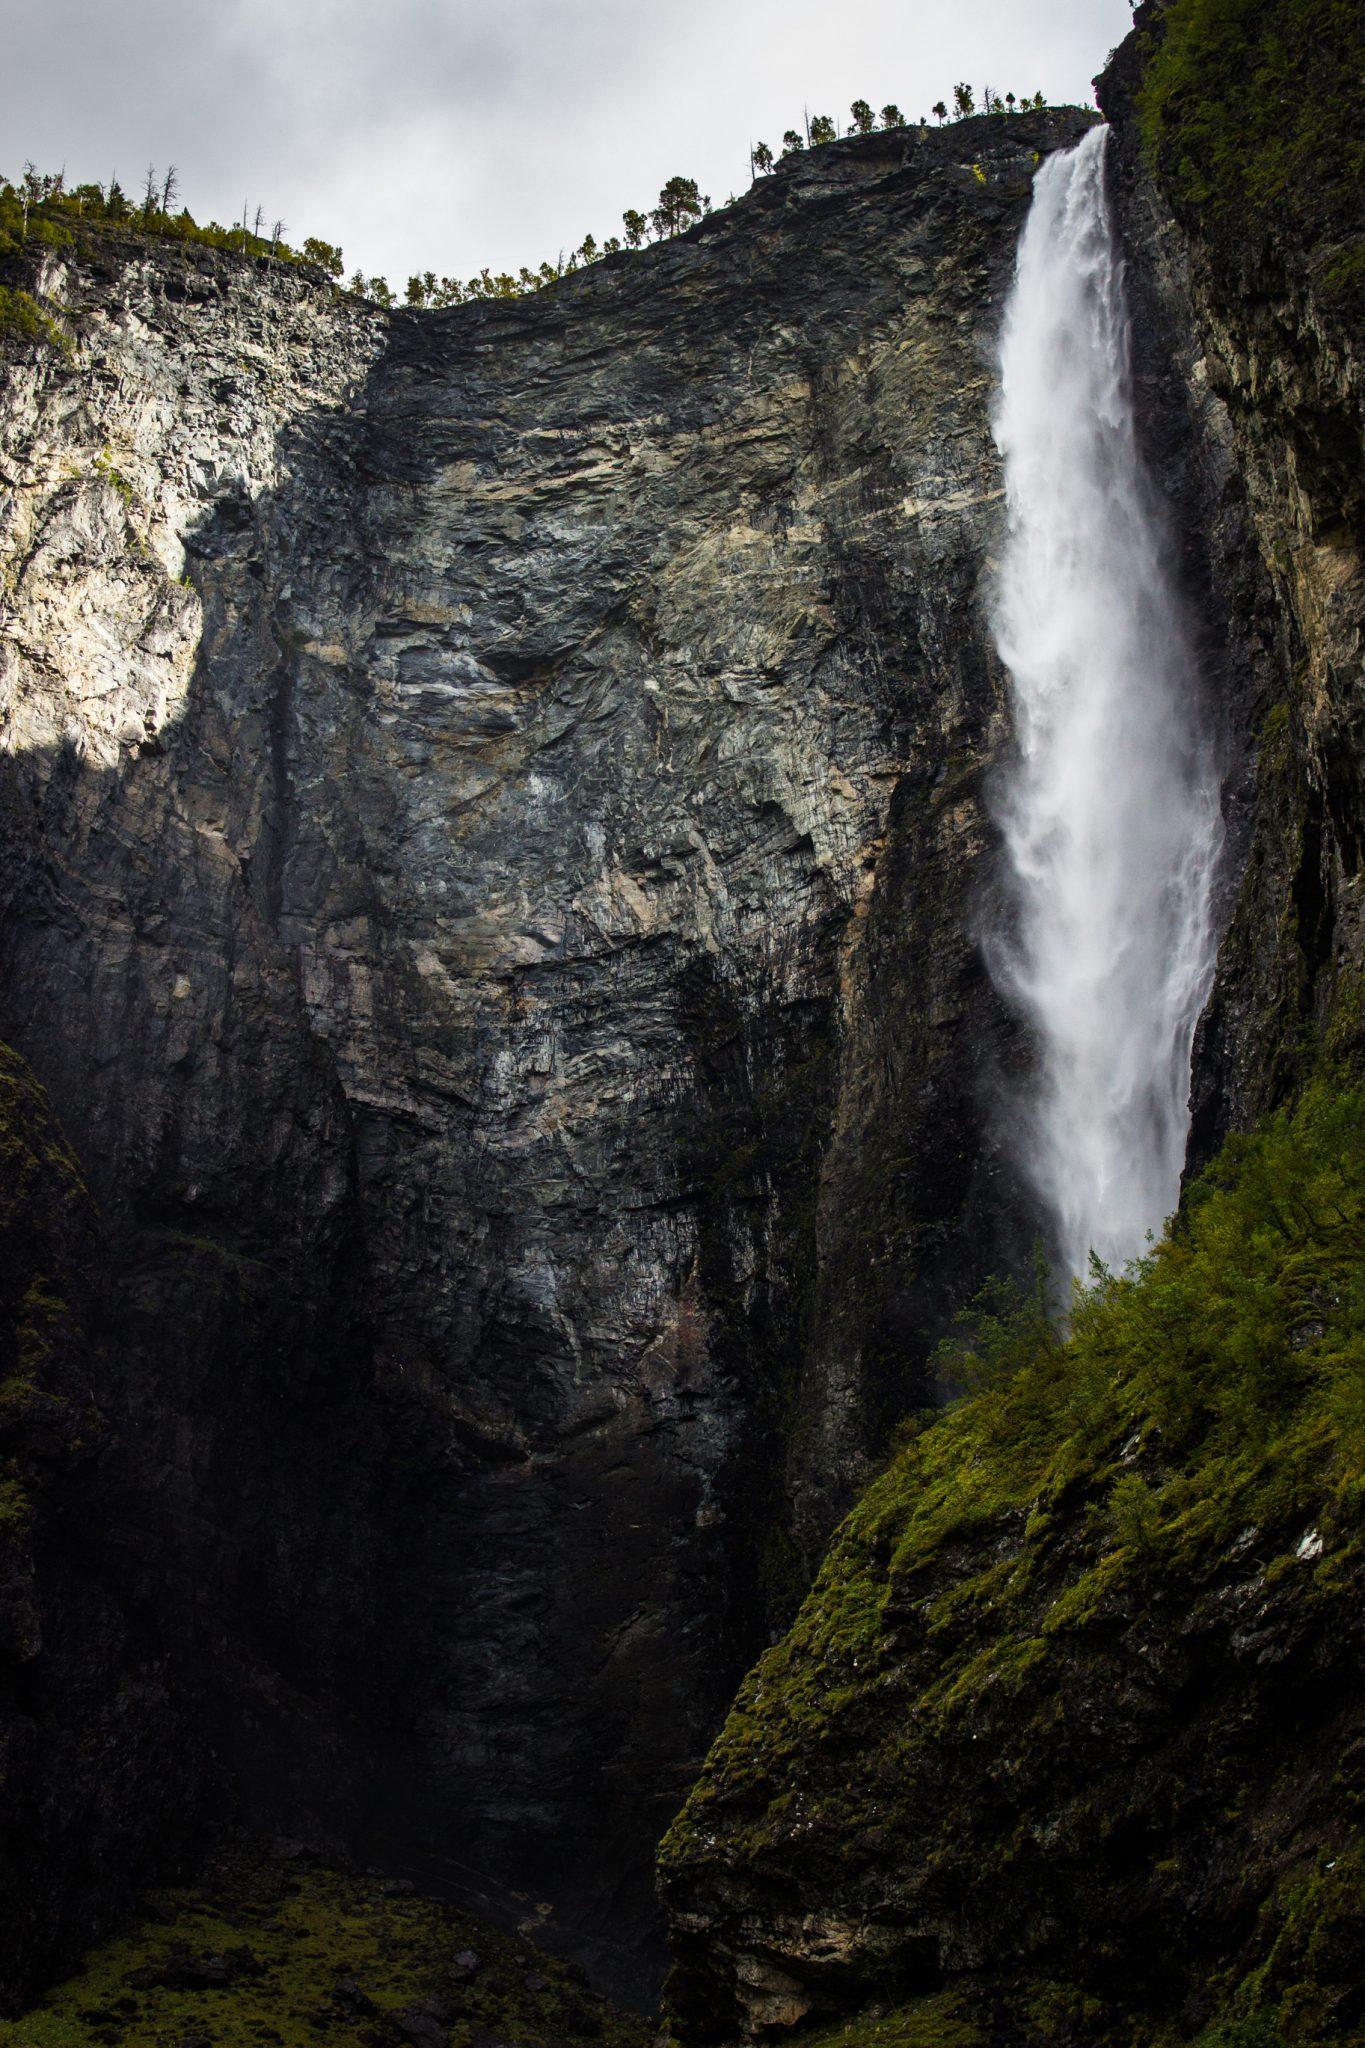 Wanderung zum Vettisfossen Wasserfall, höchster unregulierter Wasserfall in Norwegen mit schönem Wald ringsum, steile riesige Felswand